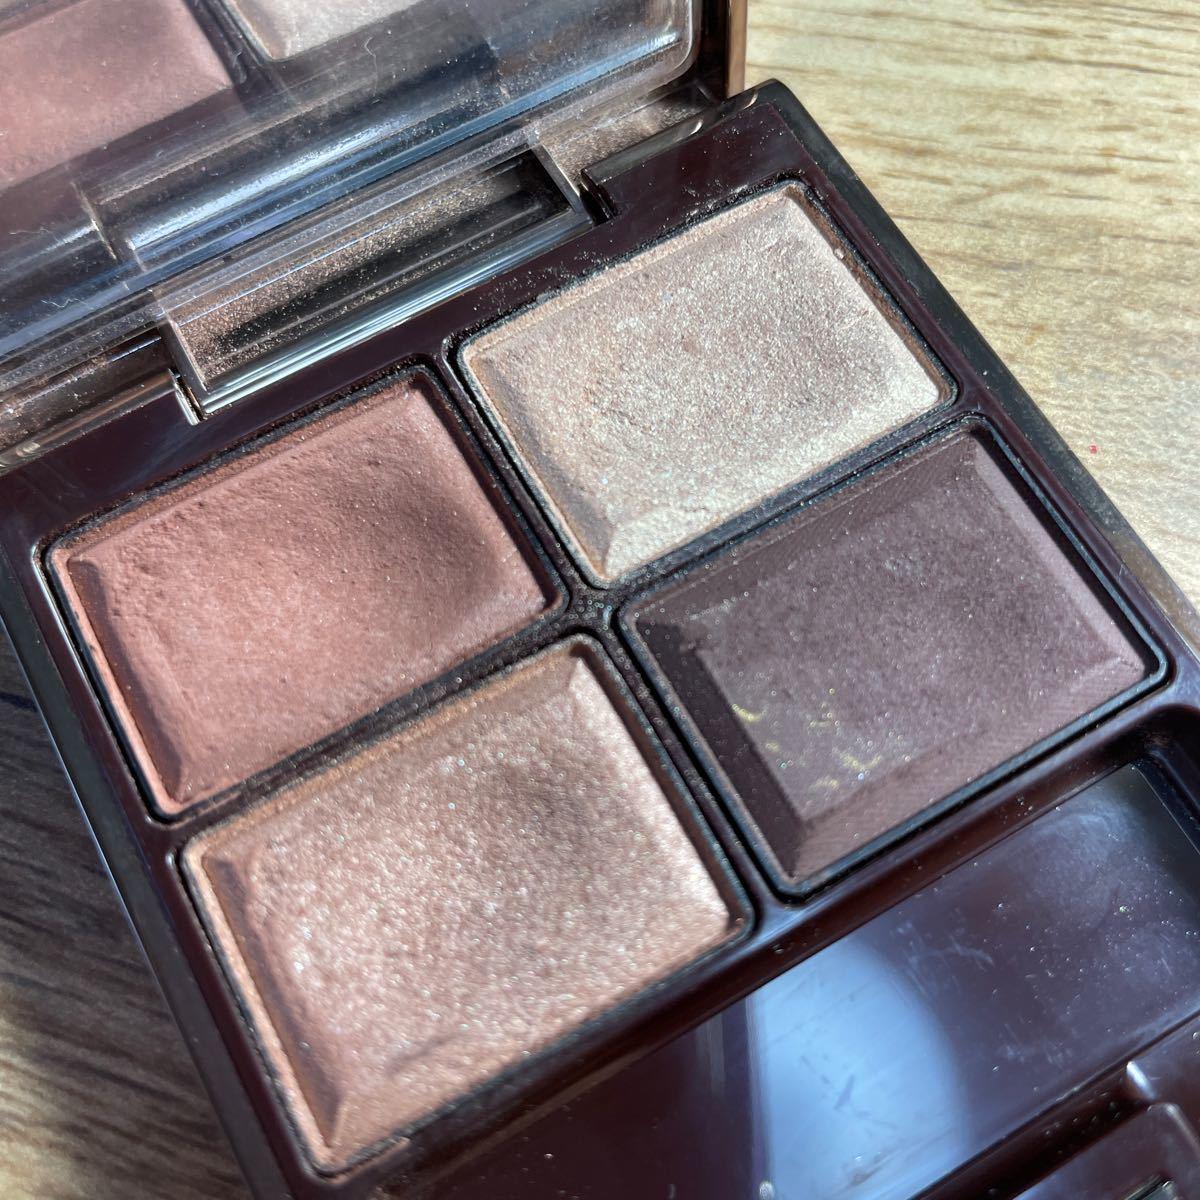 ルナソル セレクションドゥショコラアイズ 02 Chocolat Amer